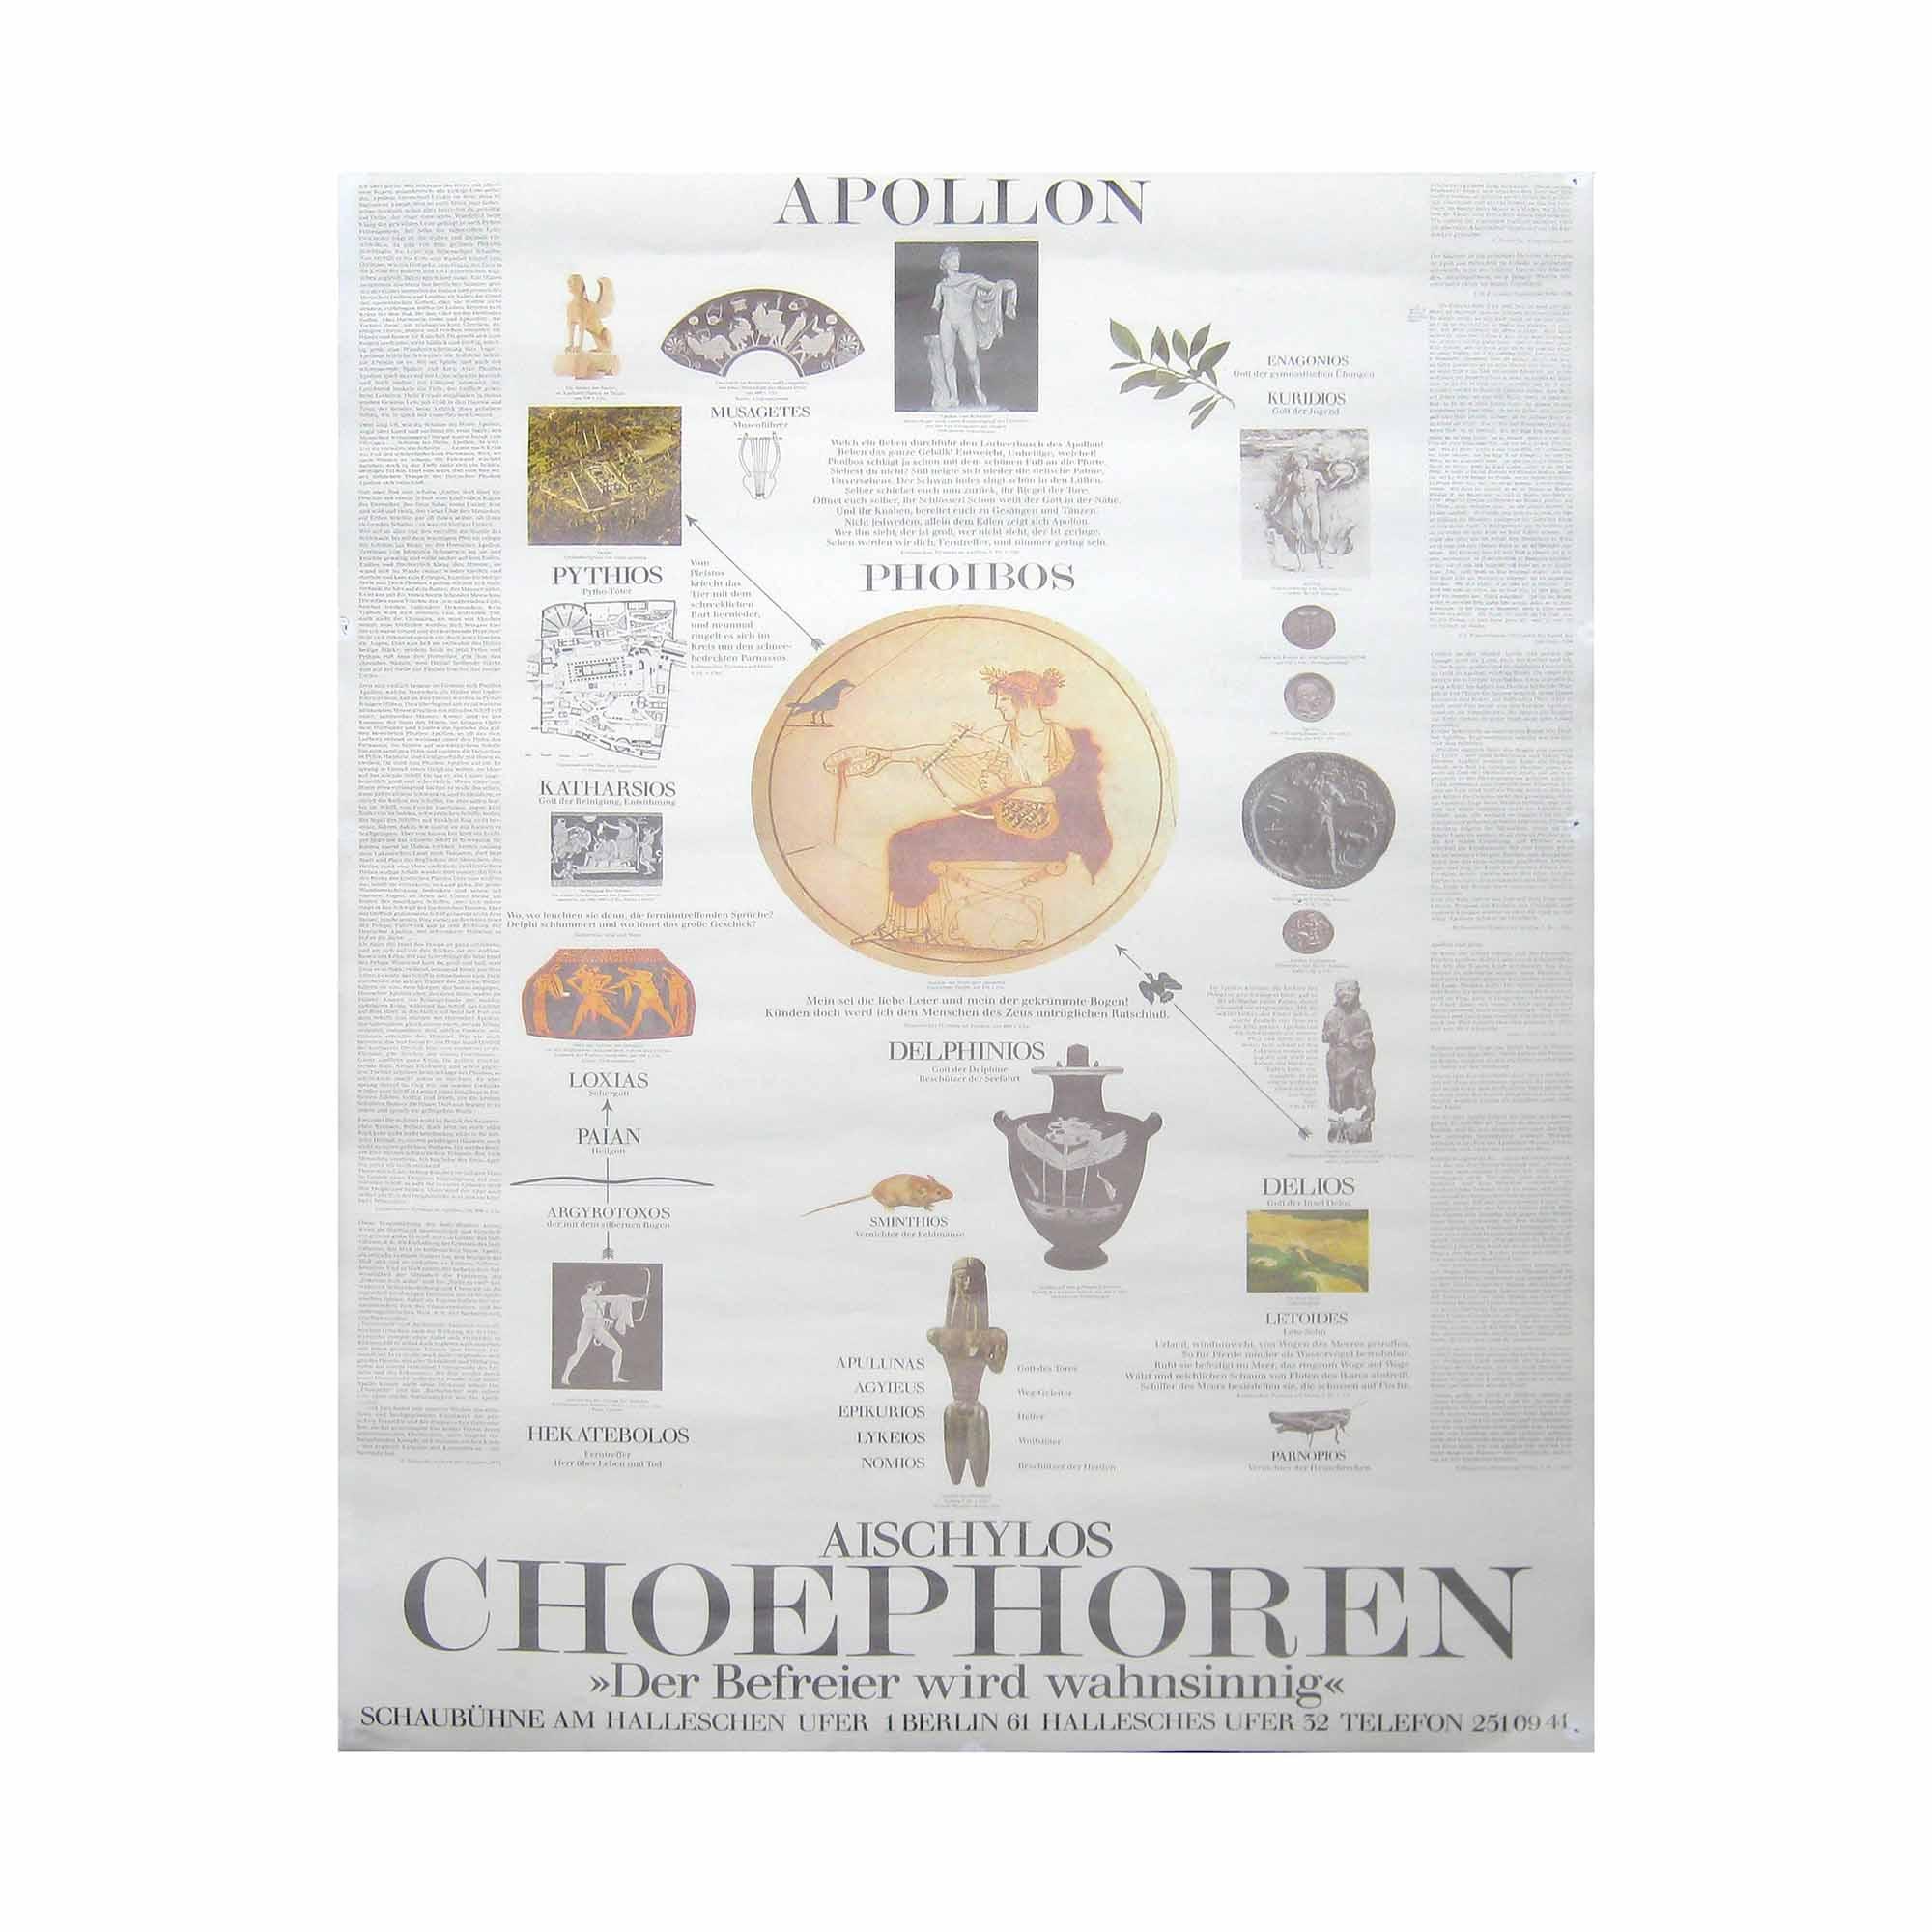 8055-Antikenprojekt-Choephoren-Schaubühne-3-1980-1-N.jpg